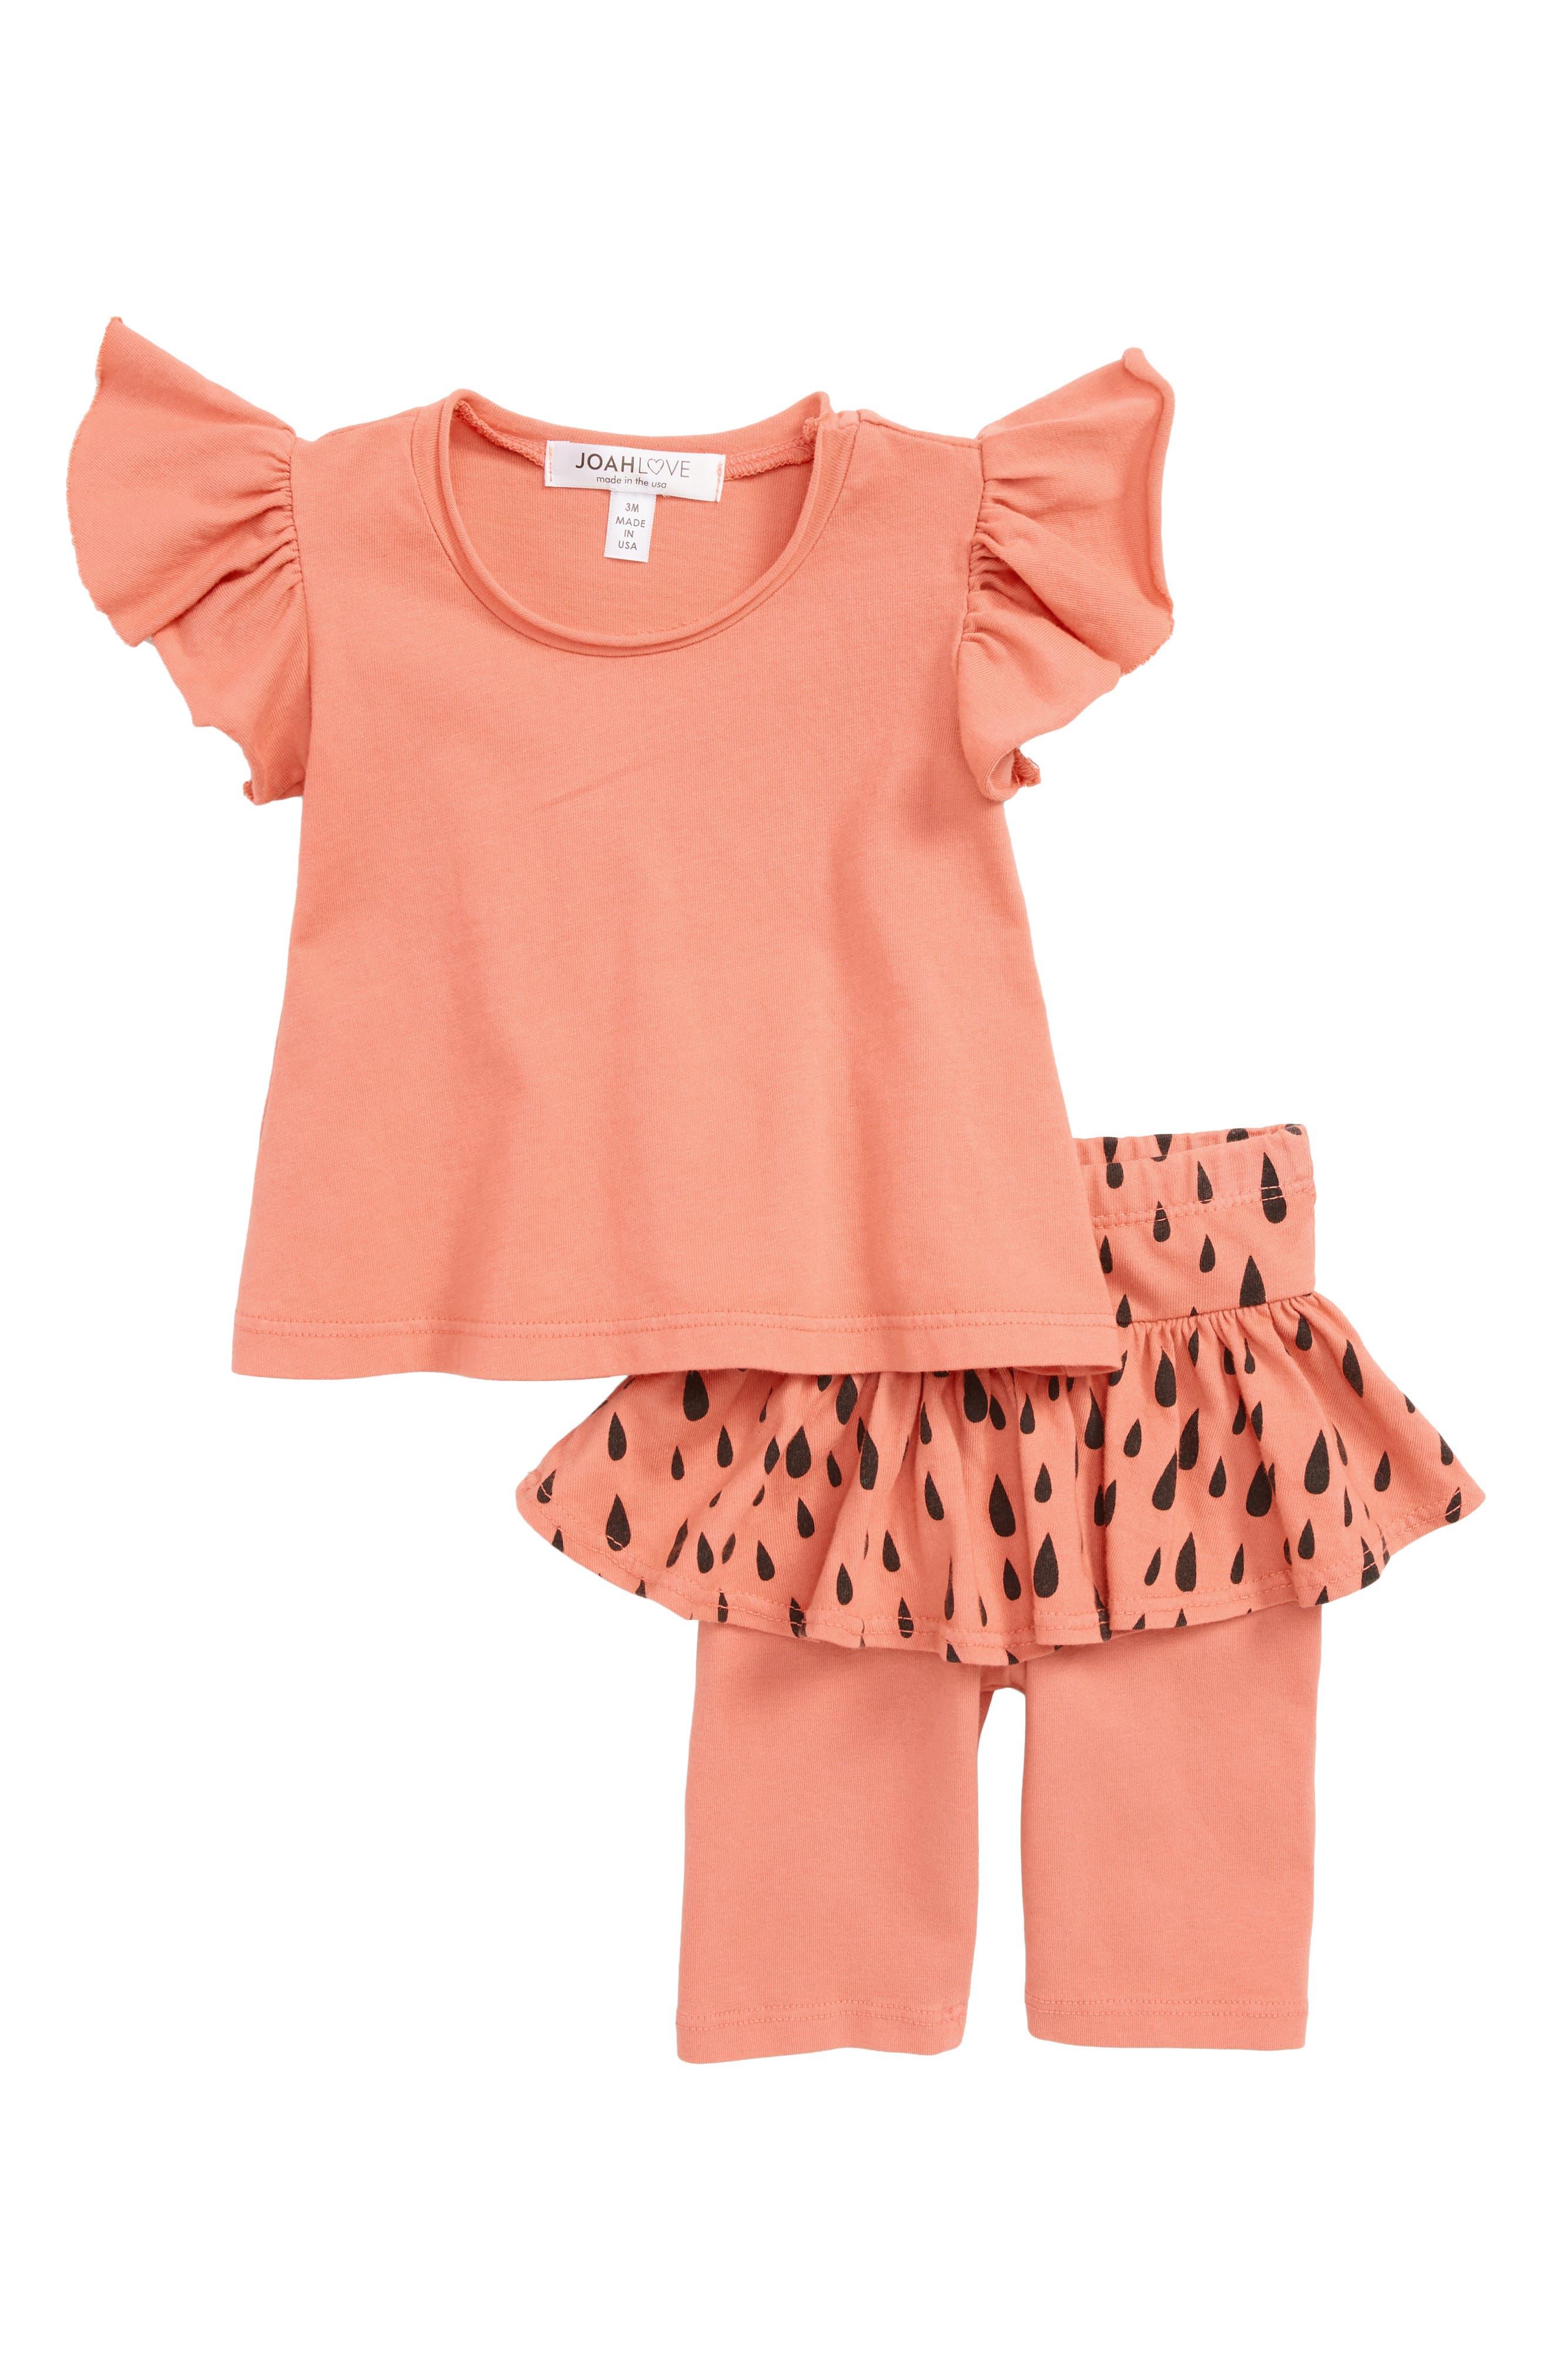 Print Top & Skirted Leggings Set,                         Main,                         color, BERMUDA PINK